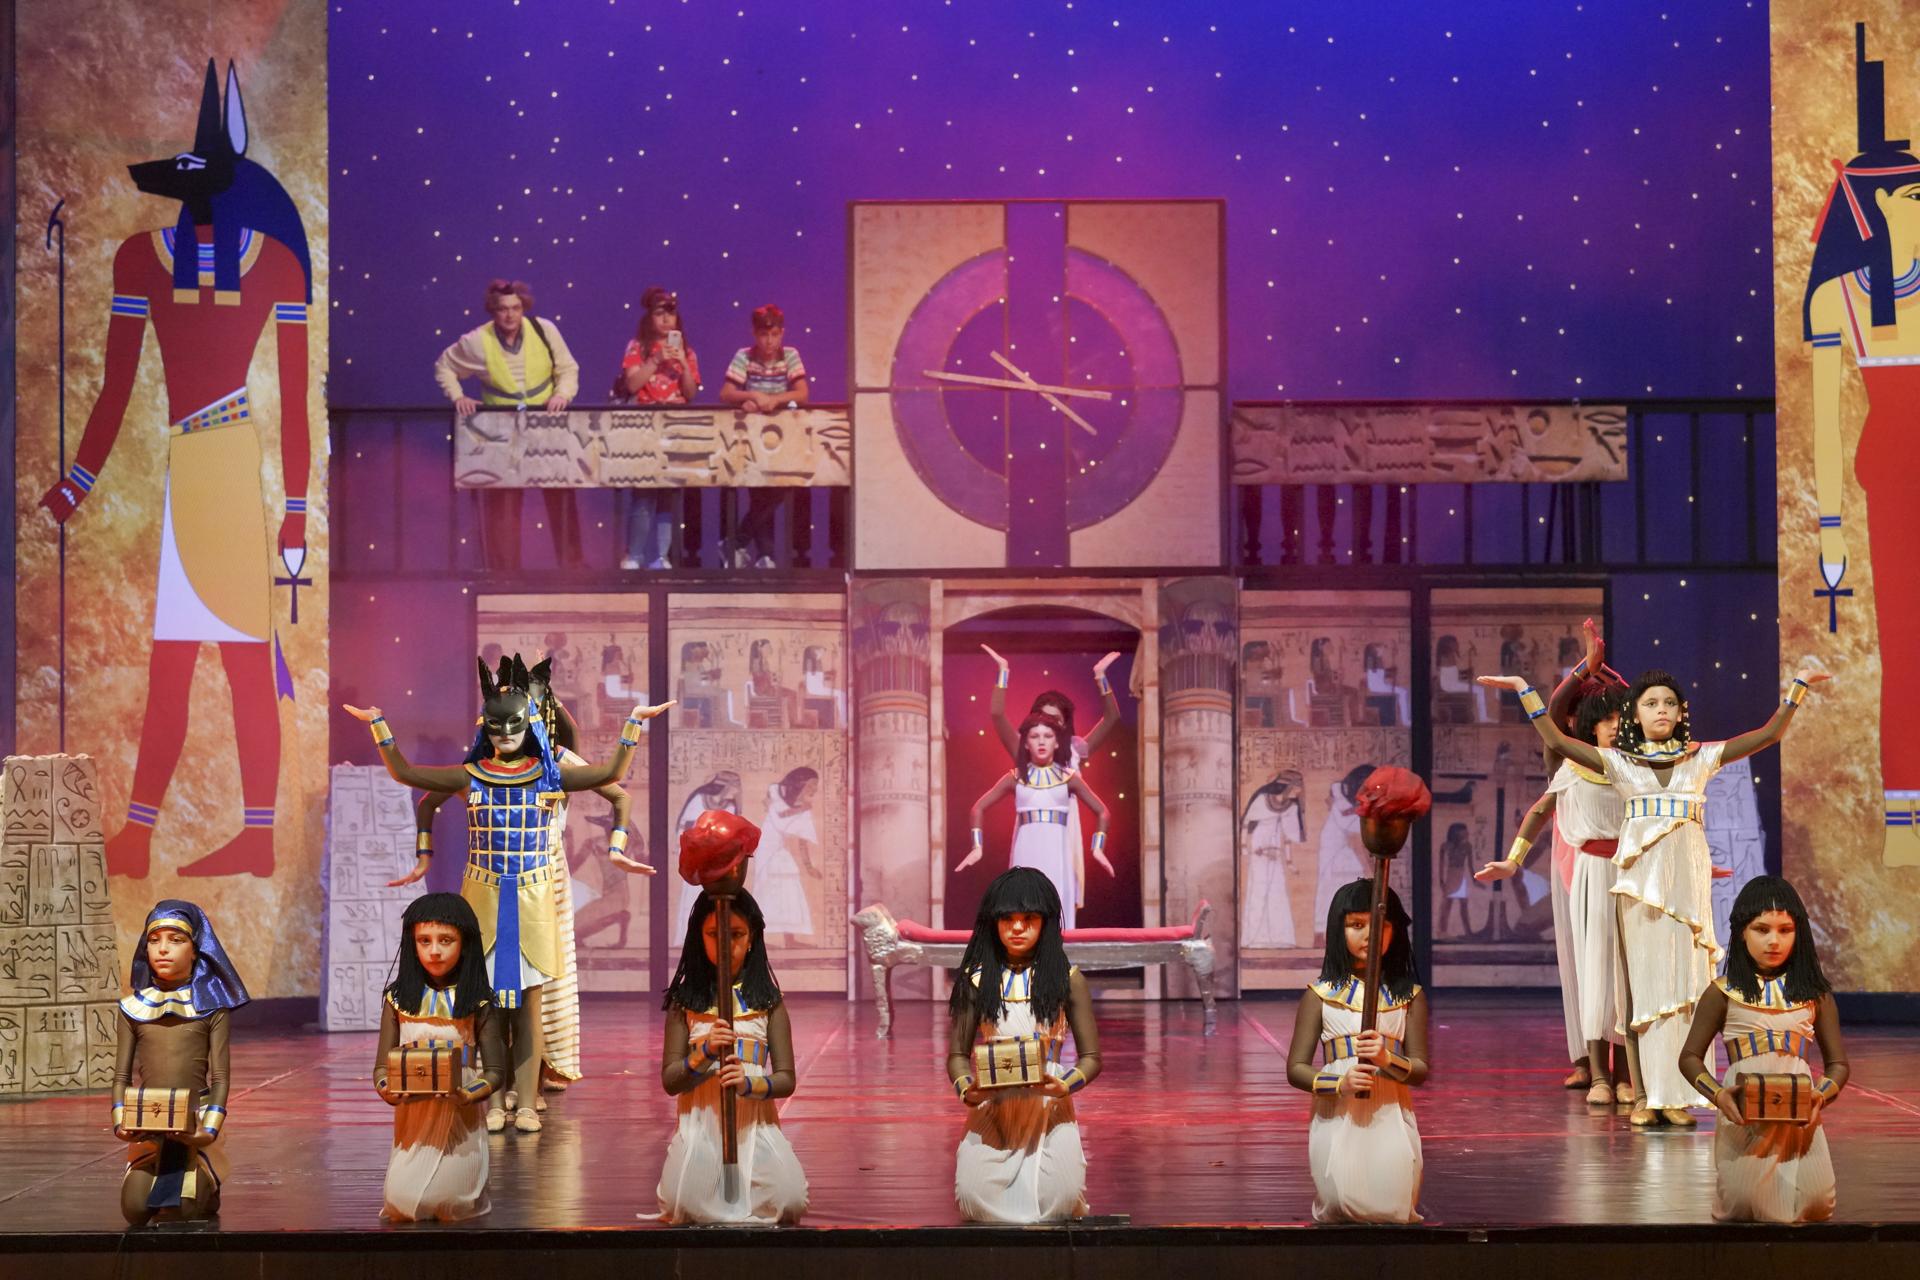 Прослушване за попълване на балетната и вокална школи към операта